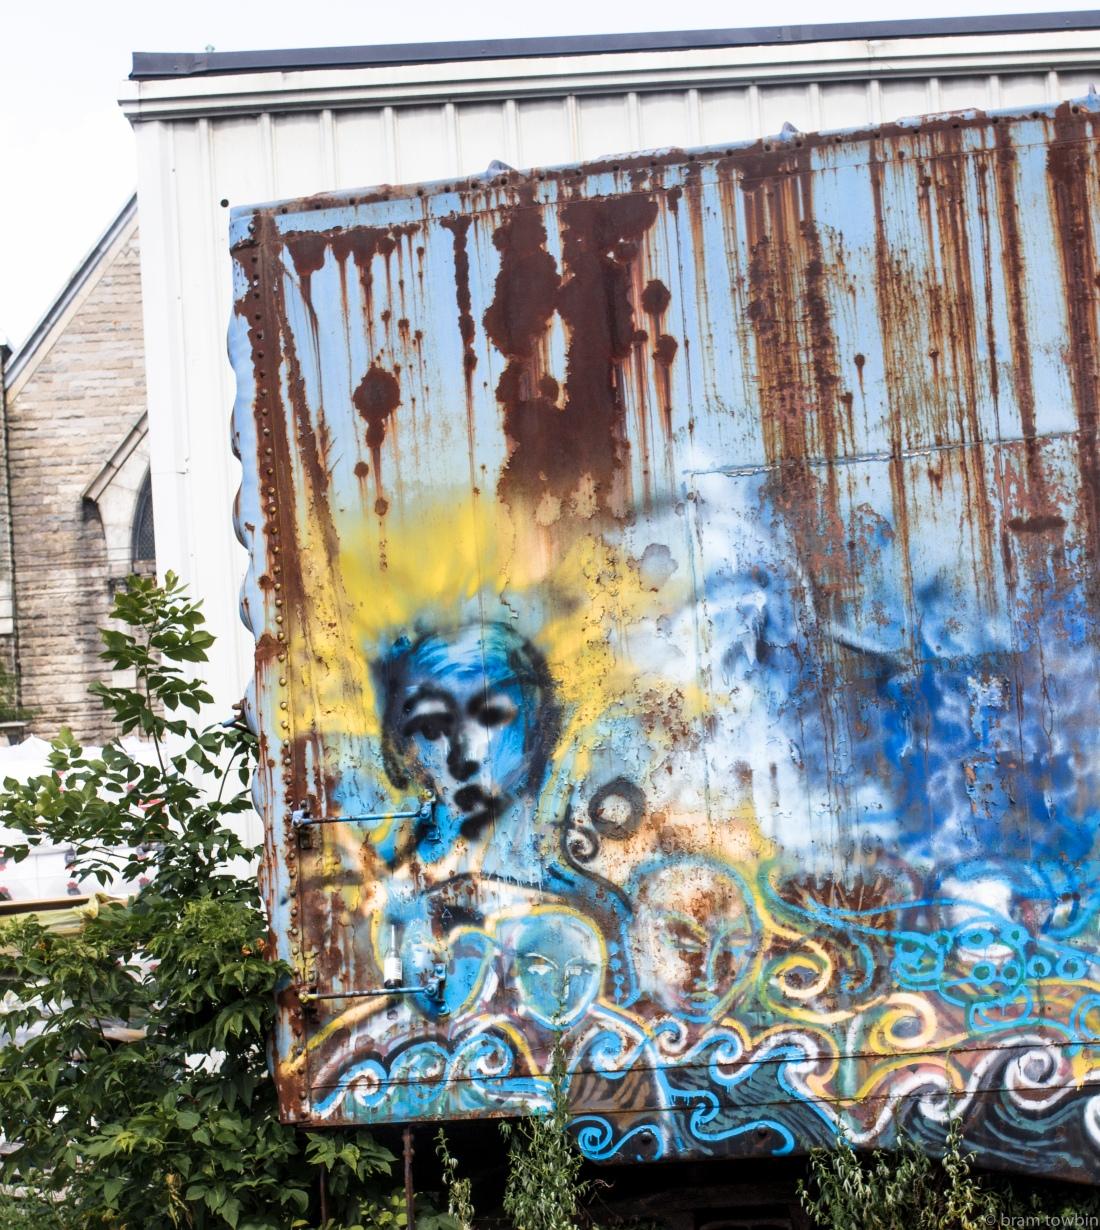 blue person graffitti on train car.jpg